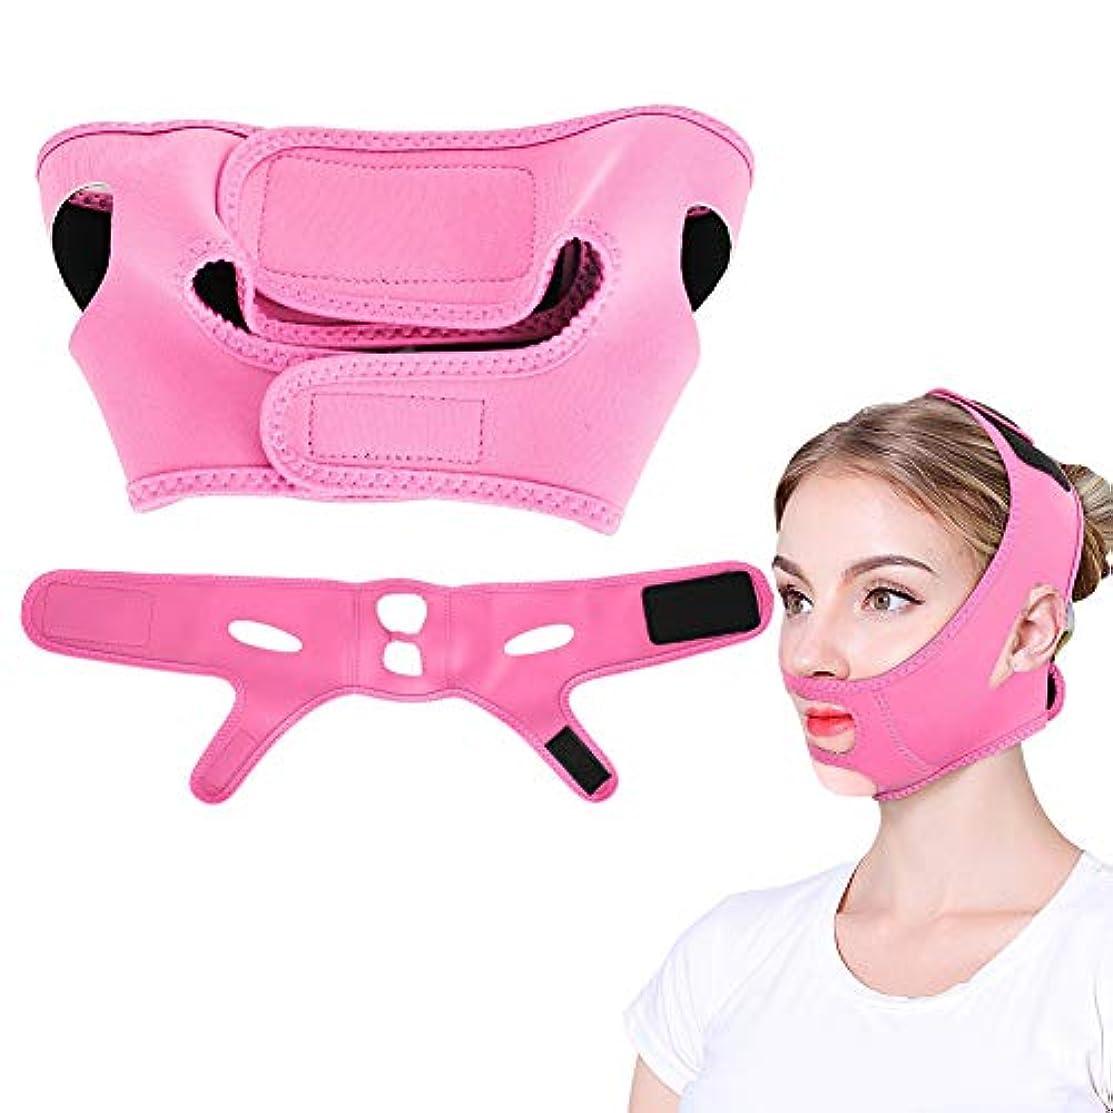 なに防水バイナリフェイススリミング包帯小 顔 美顔 矯正、顎リフト フェイススリミングマスク (ピンク)